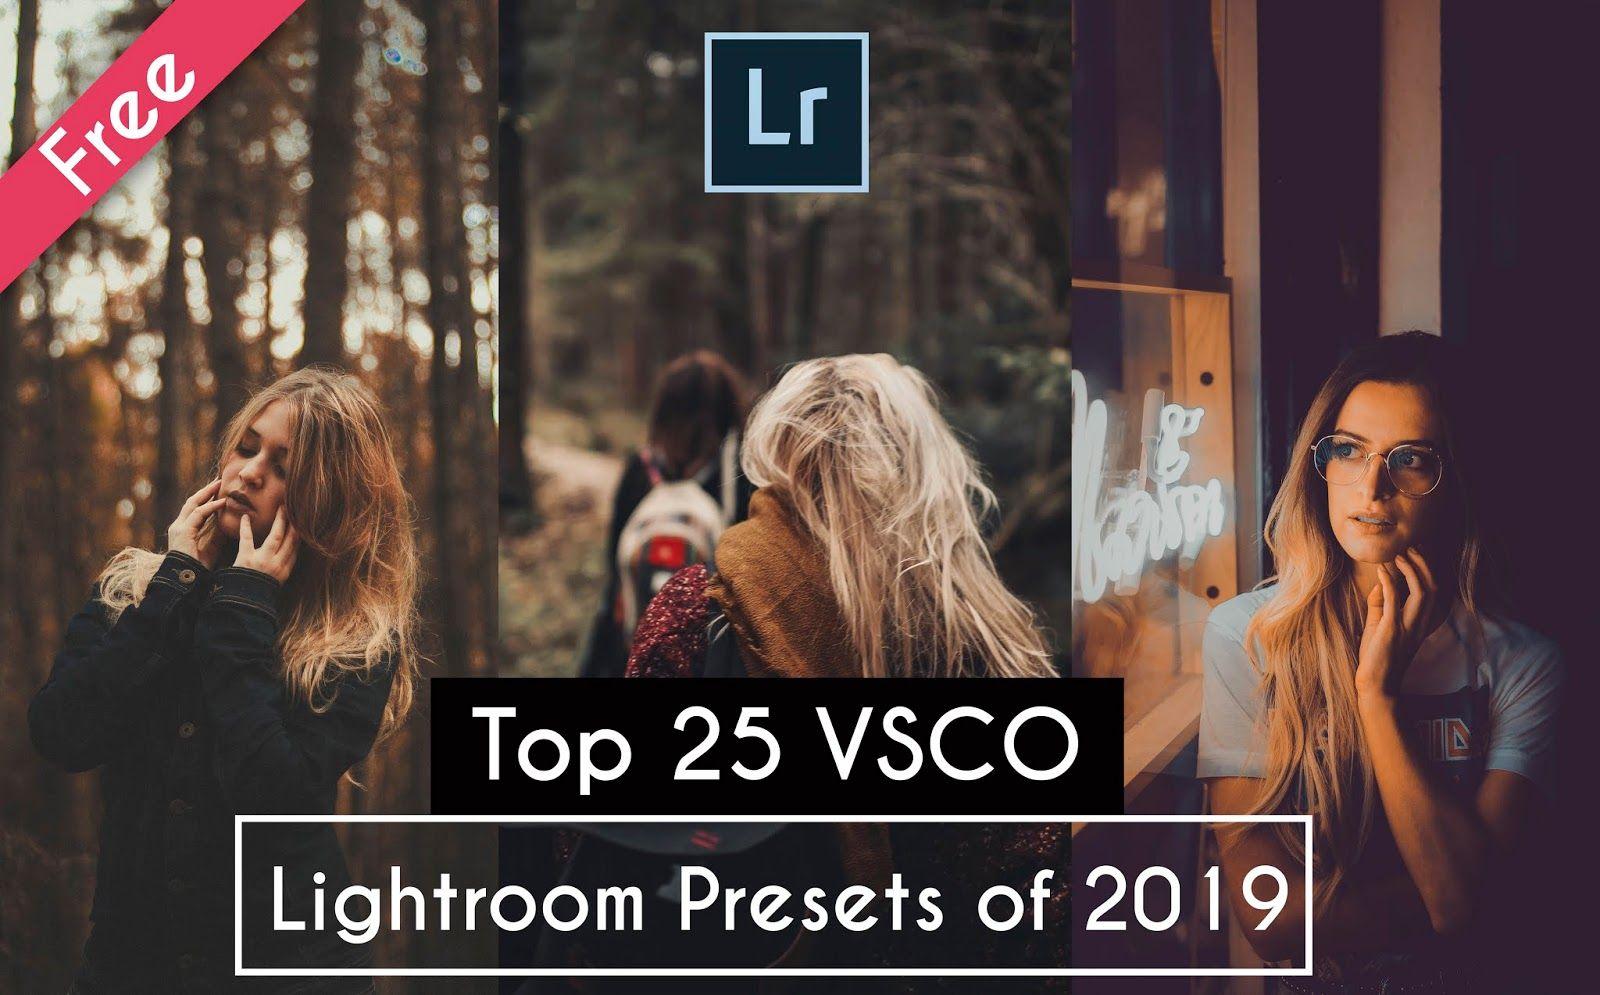 Vsco lightroom presets download